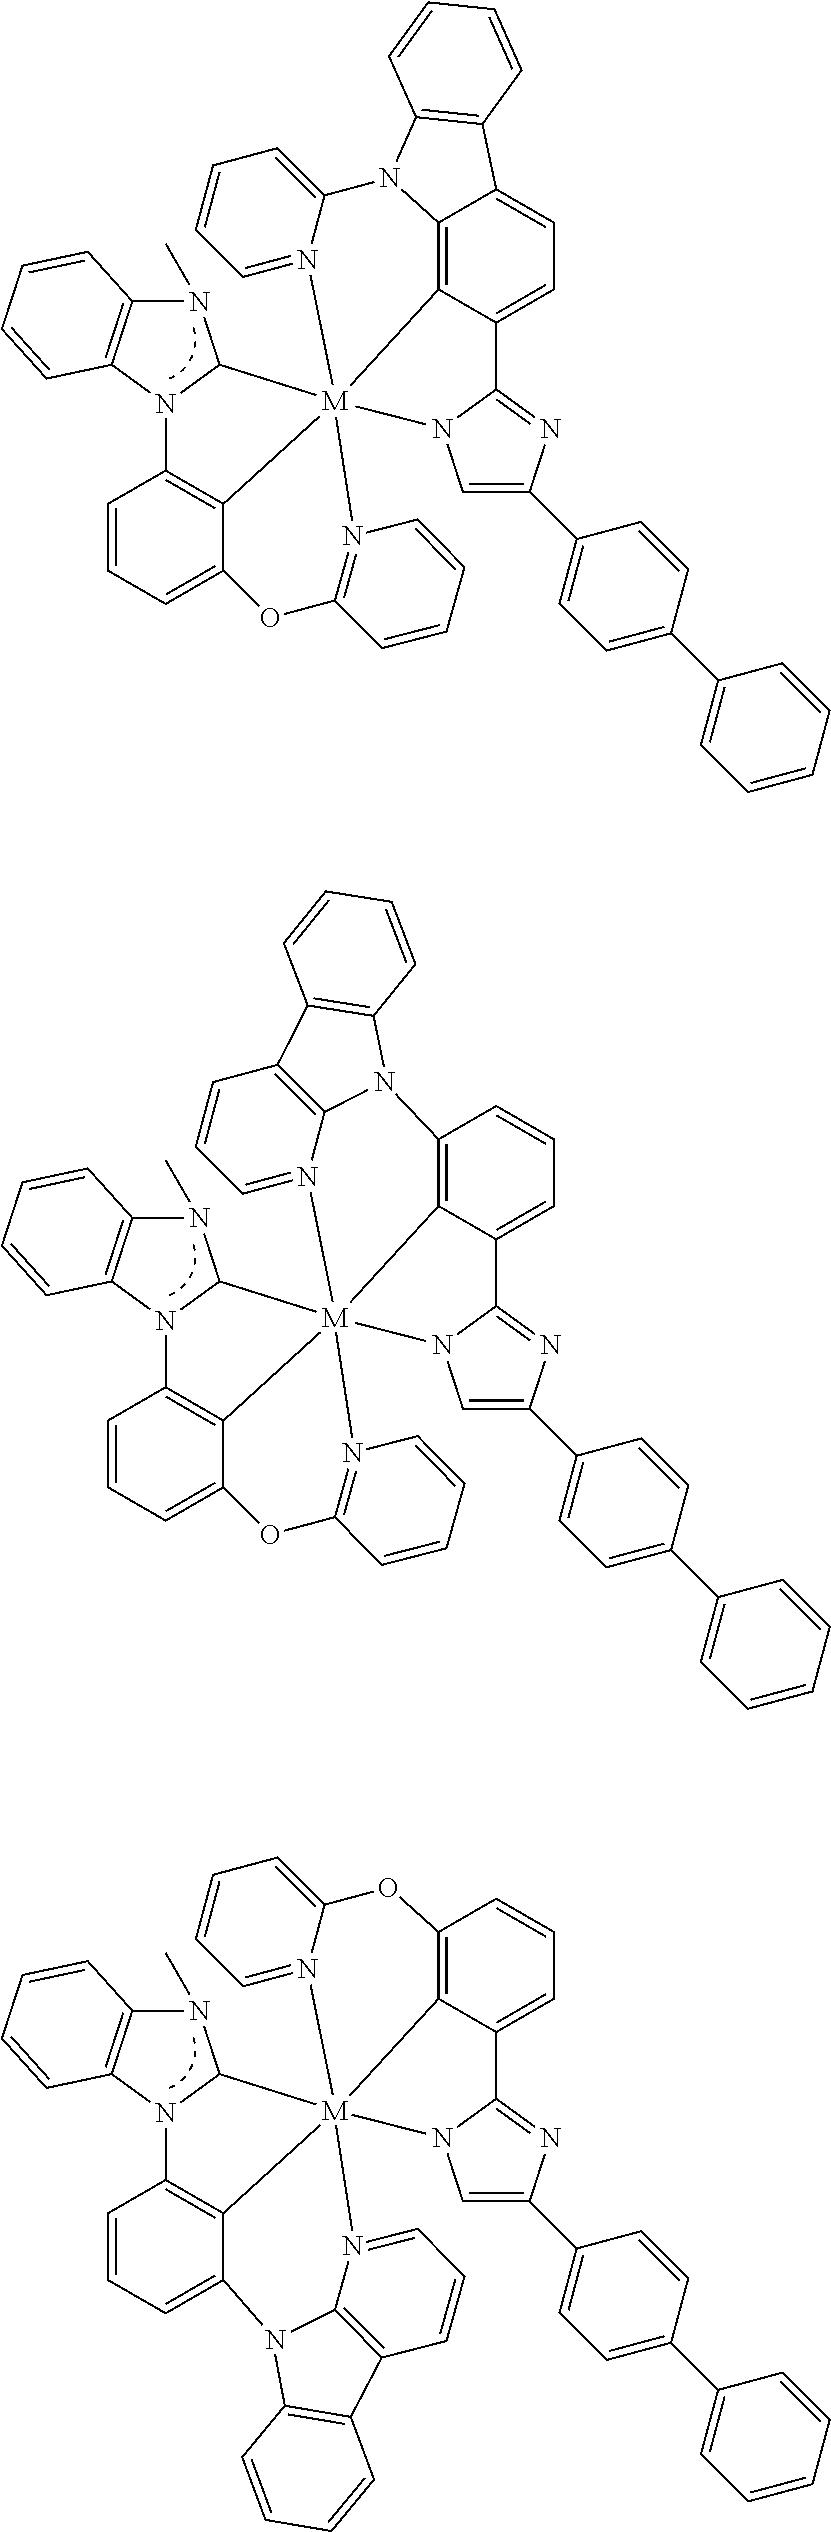 Figure US09818959-20171114-C00360